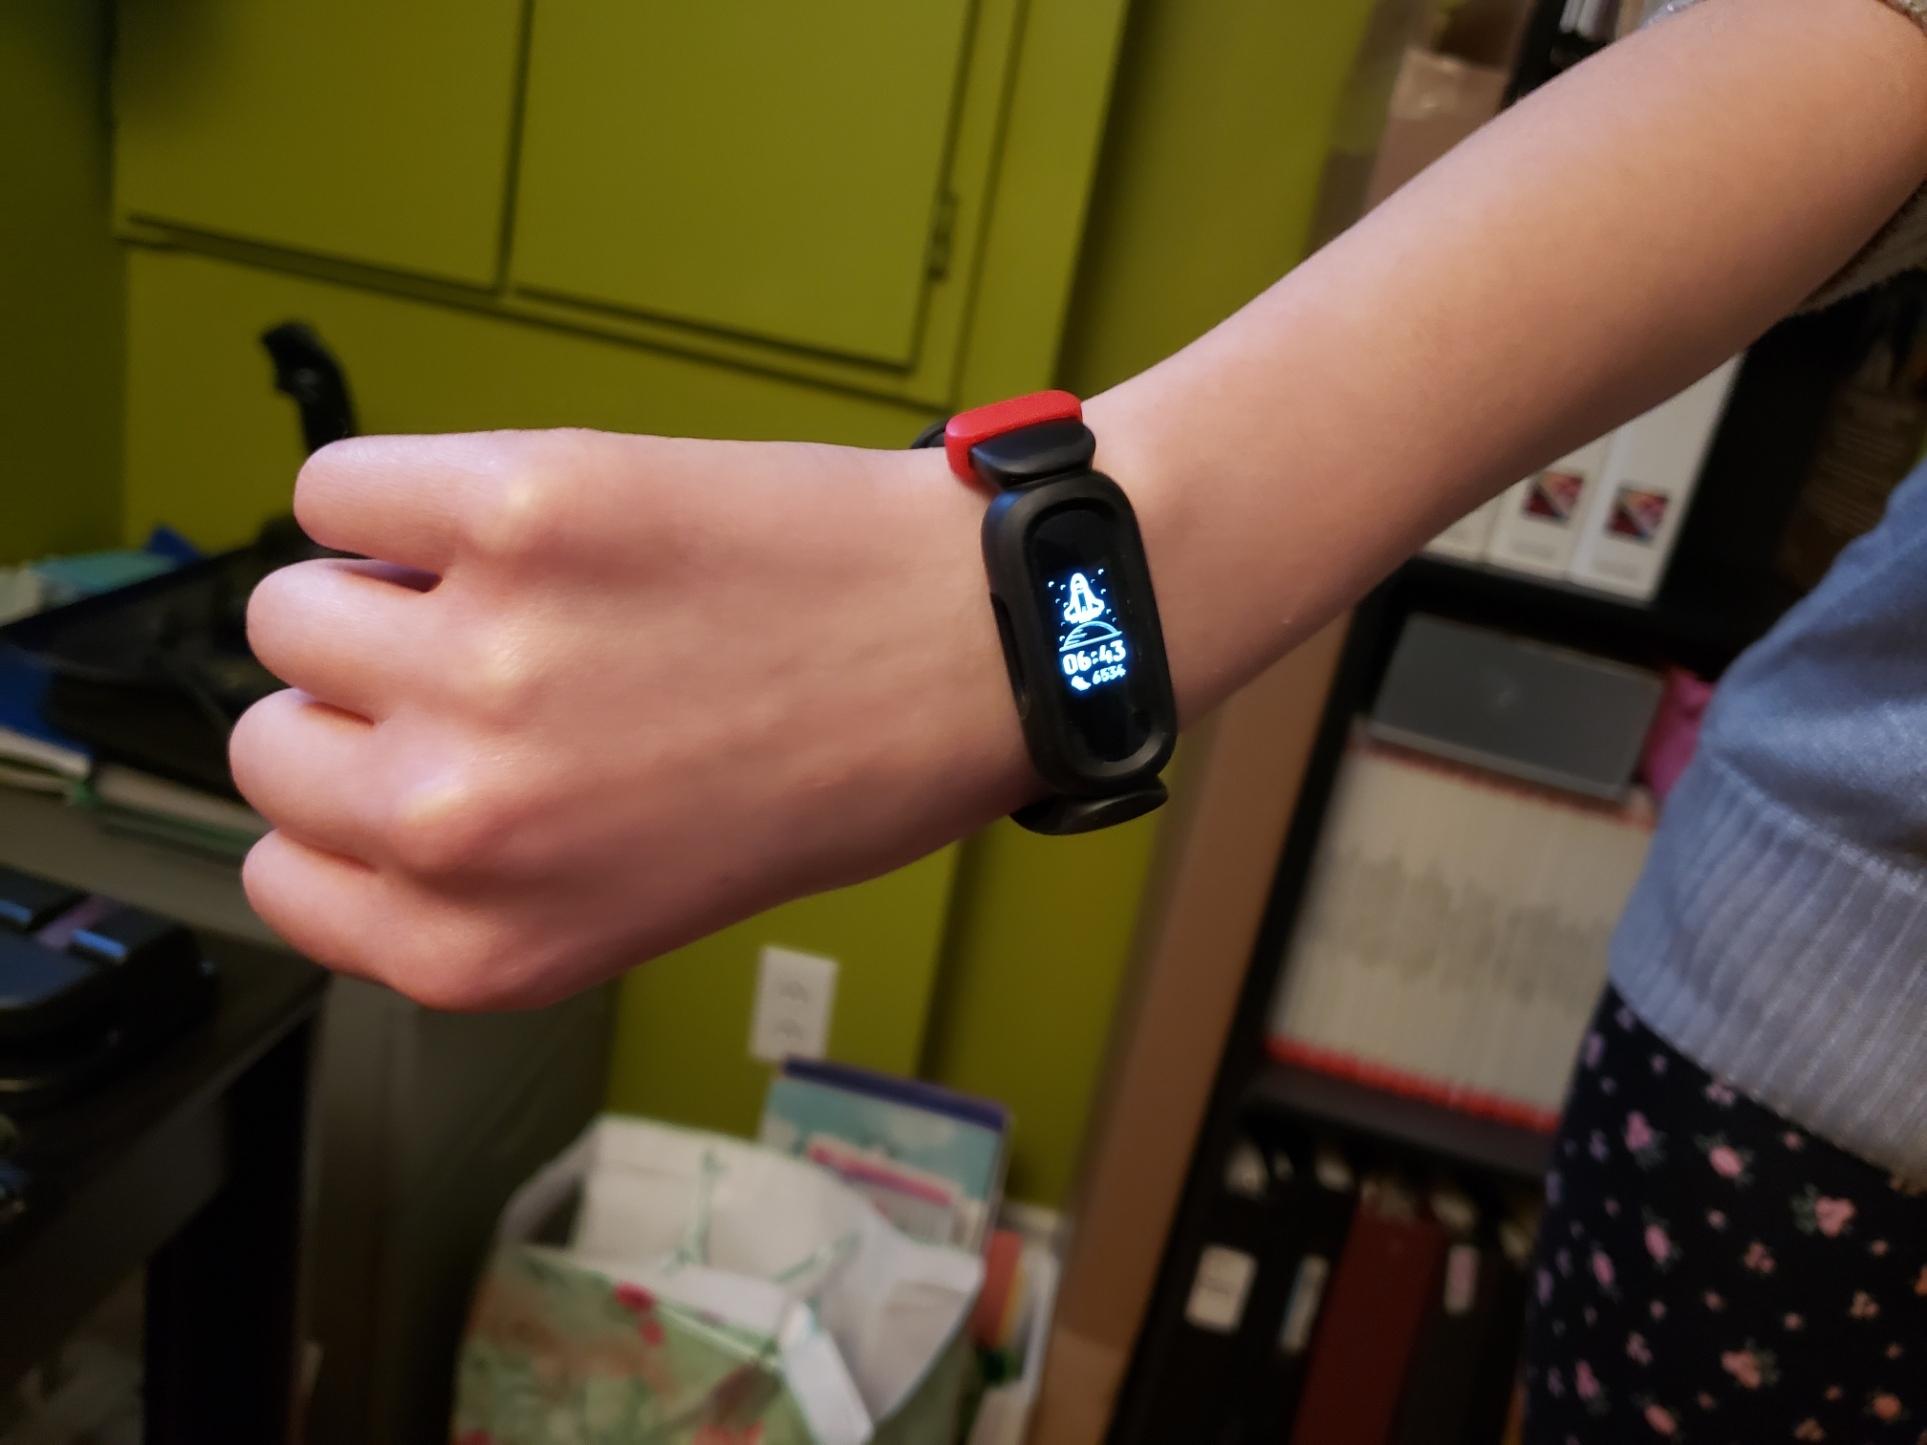 Notre public-cible, ma fille de 13 ans, a beaucoup aimé son expérience avec la montre Fitbit Ace 3